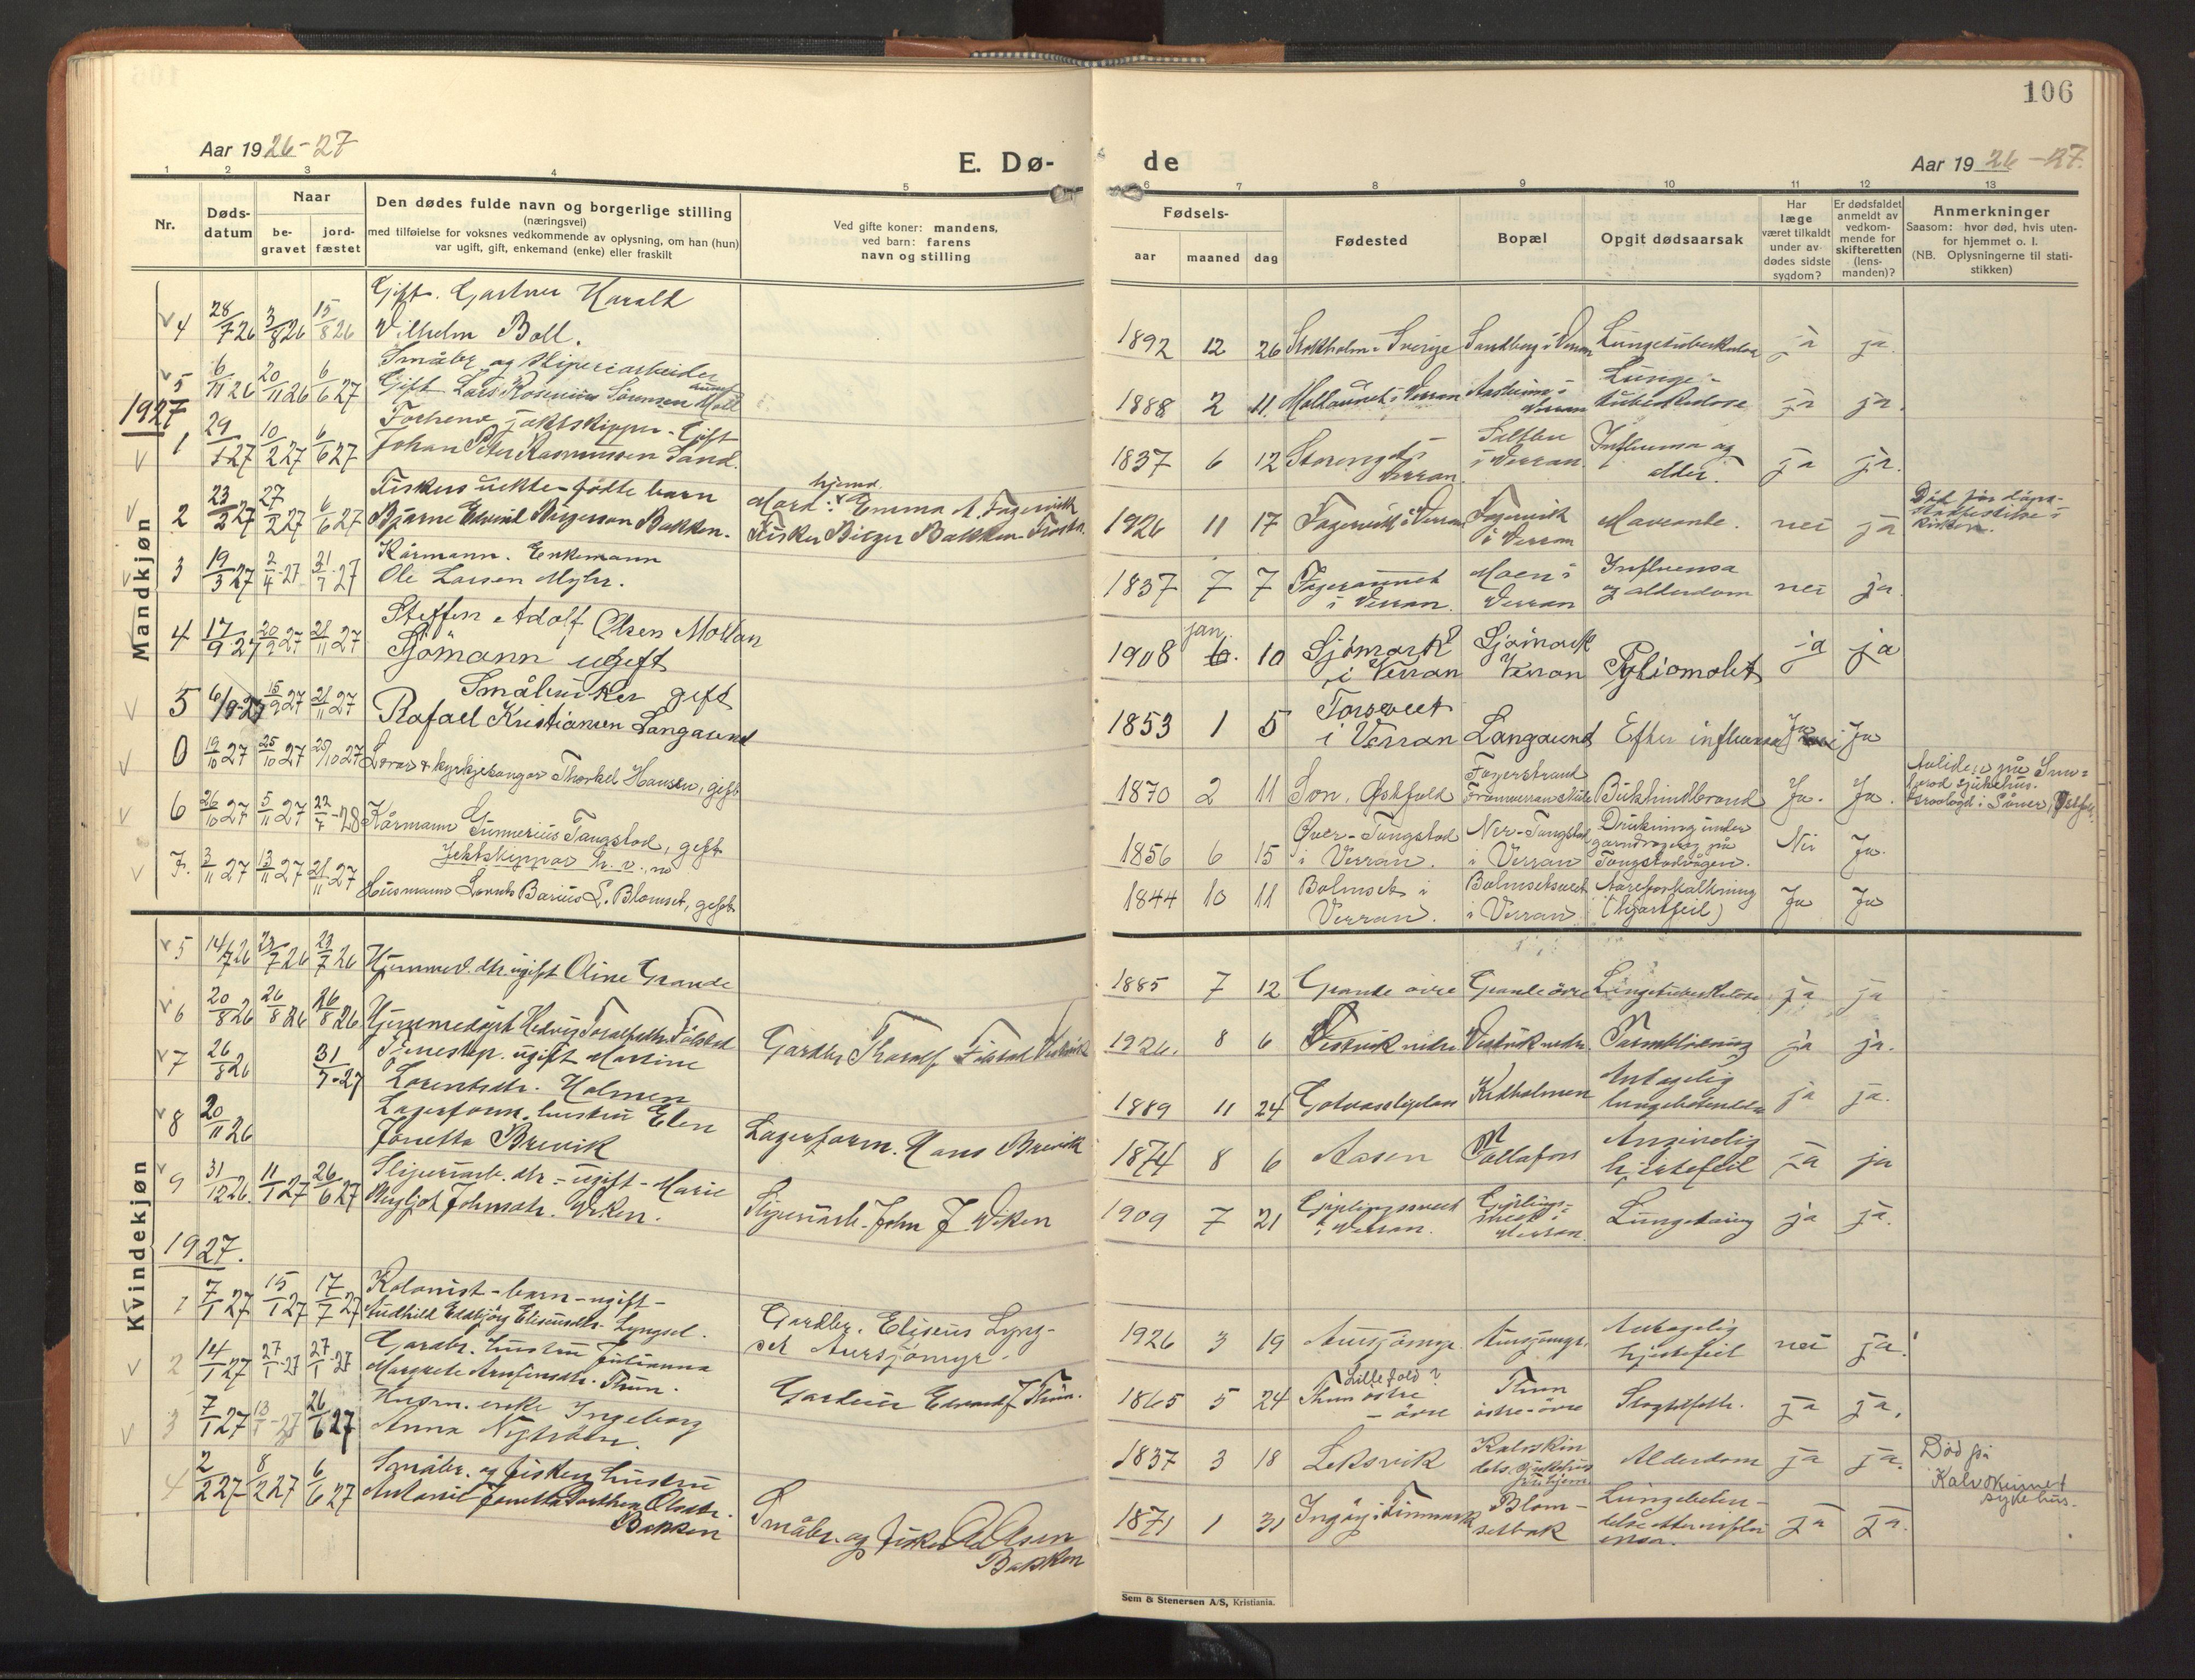 SAT, Ministerialprotokoller, klokkerbøker og fødselsregistre - Nord-Trøndelag, 744/L0425: Klokkerbok nr. 744C04, 1924-1947, s. 106